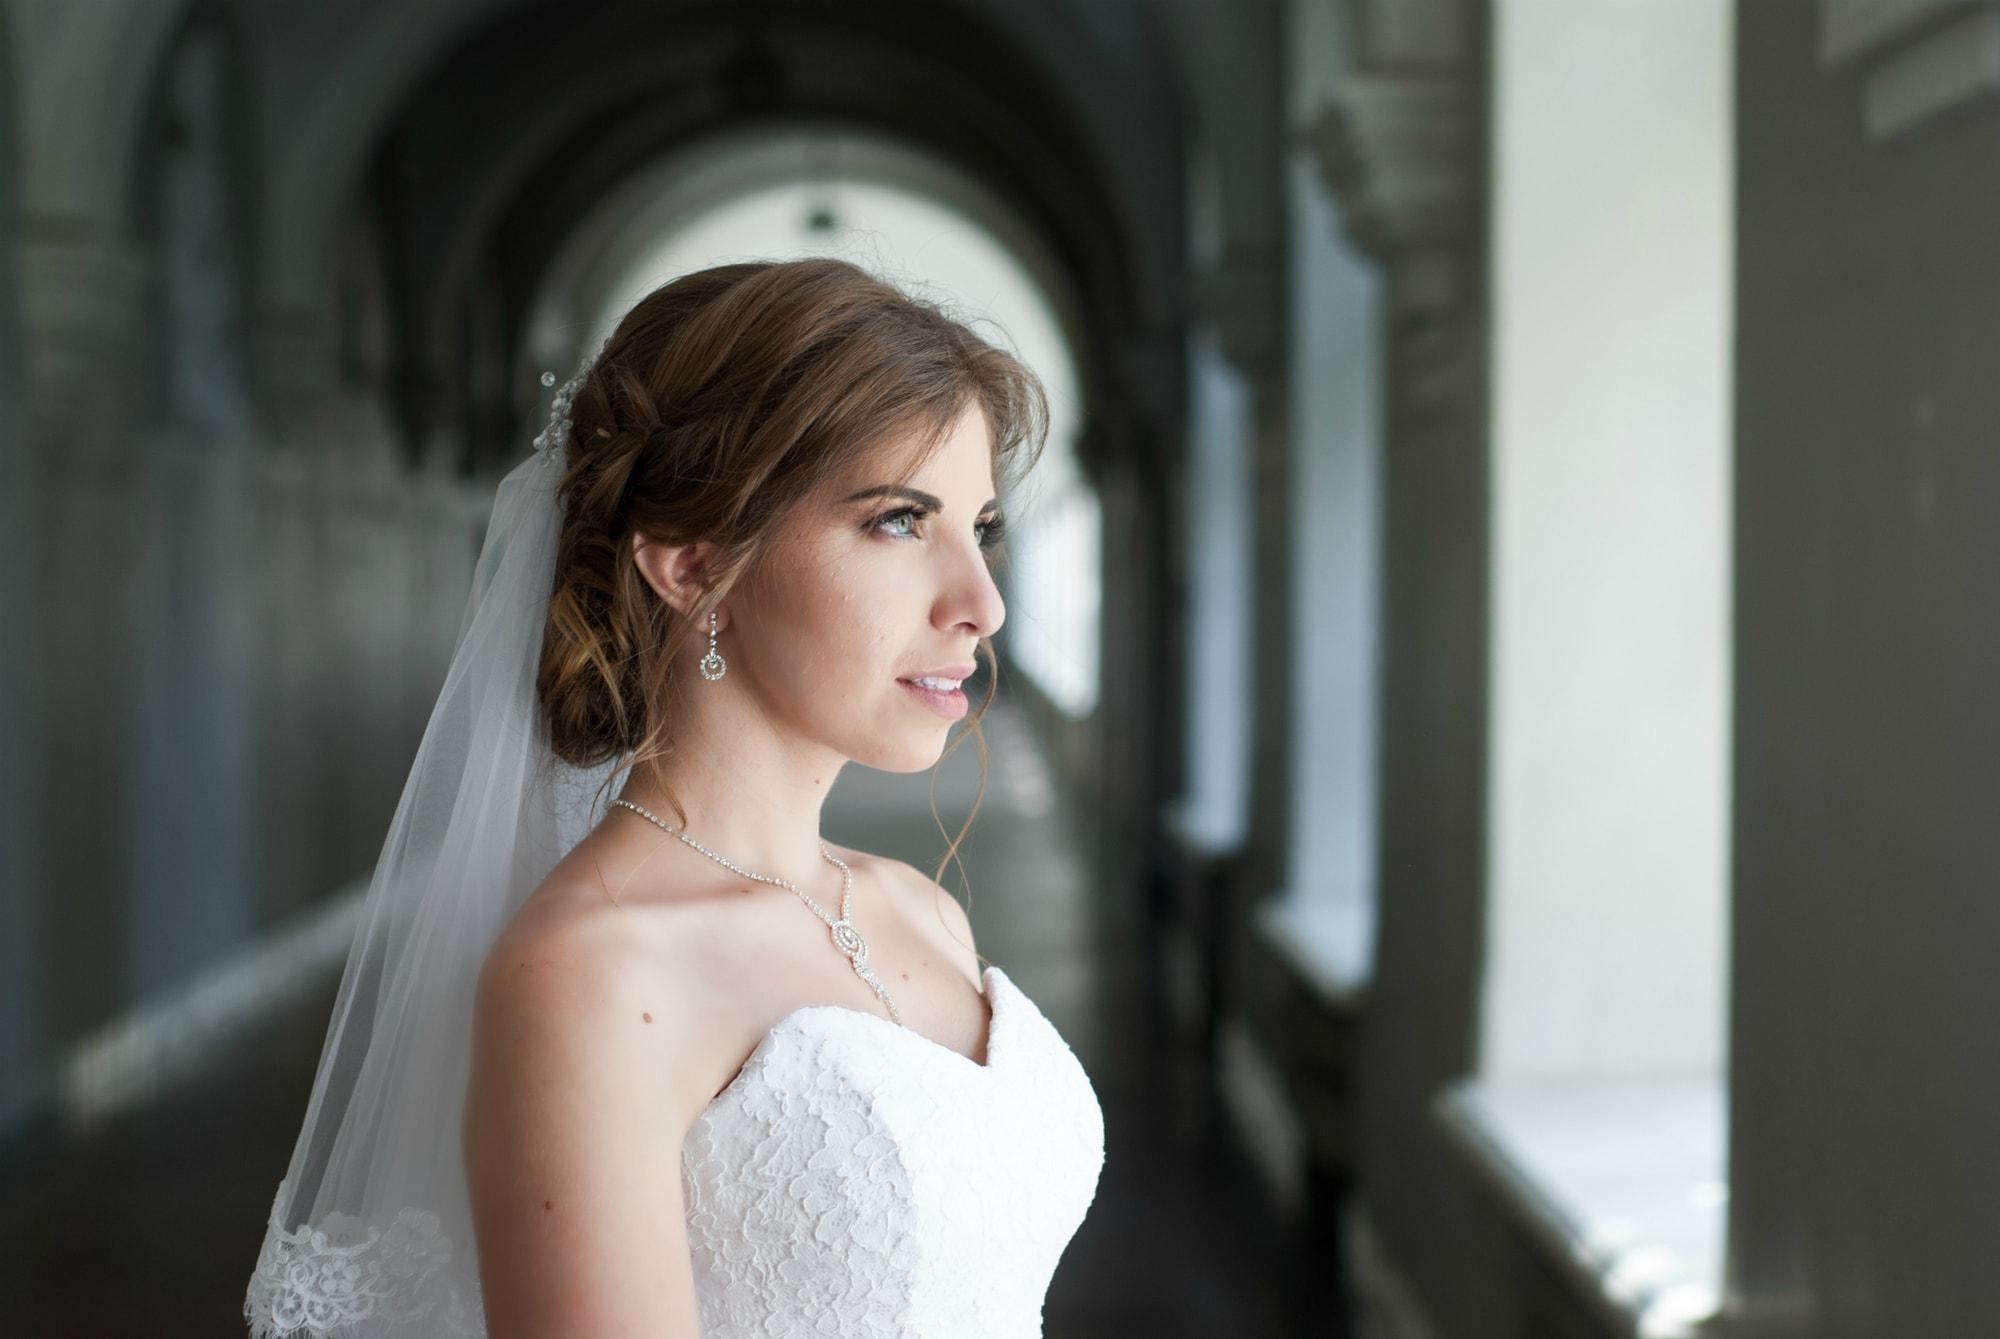 Взгляд мечтательной невесты - Фотограф Киев - Женя Лайт